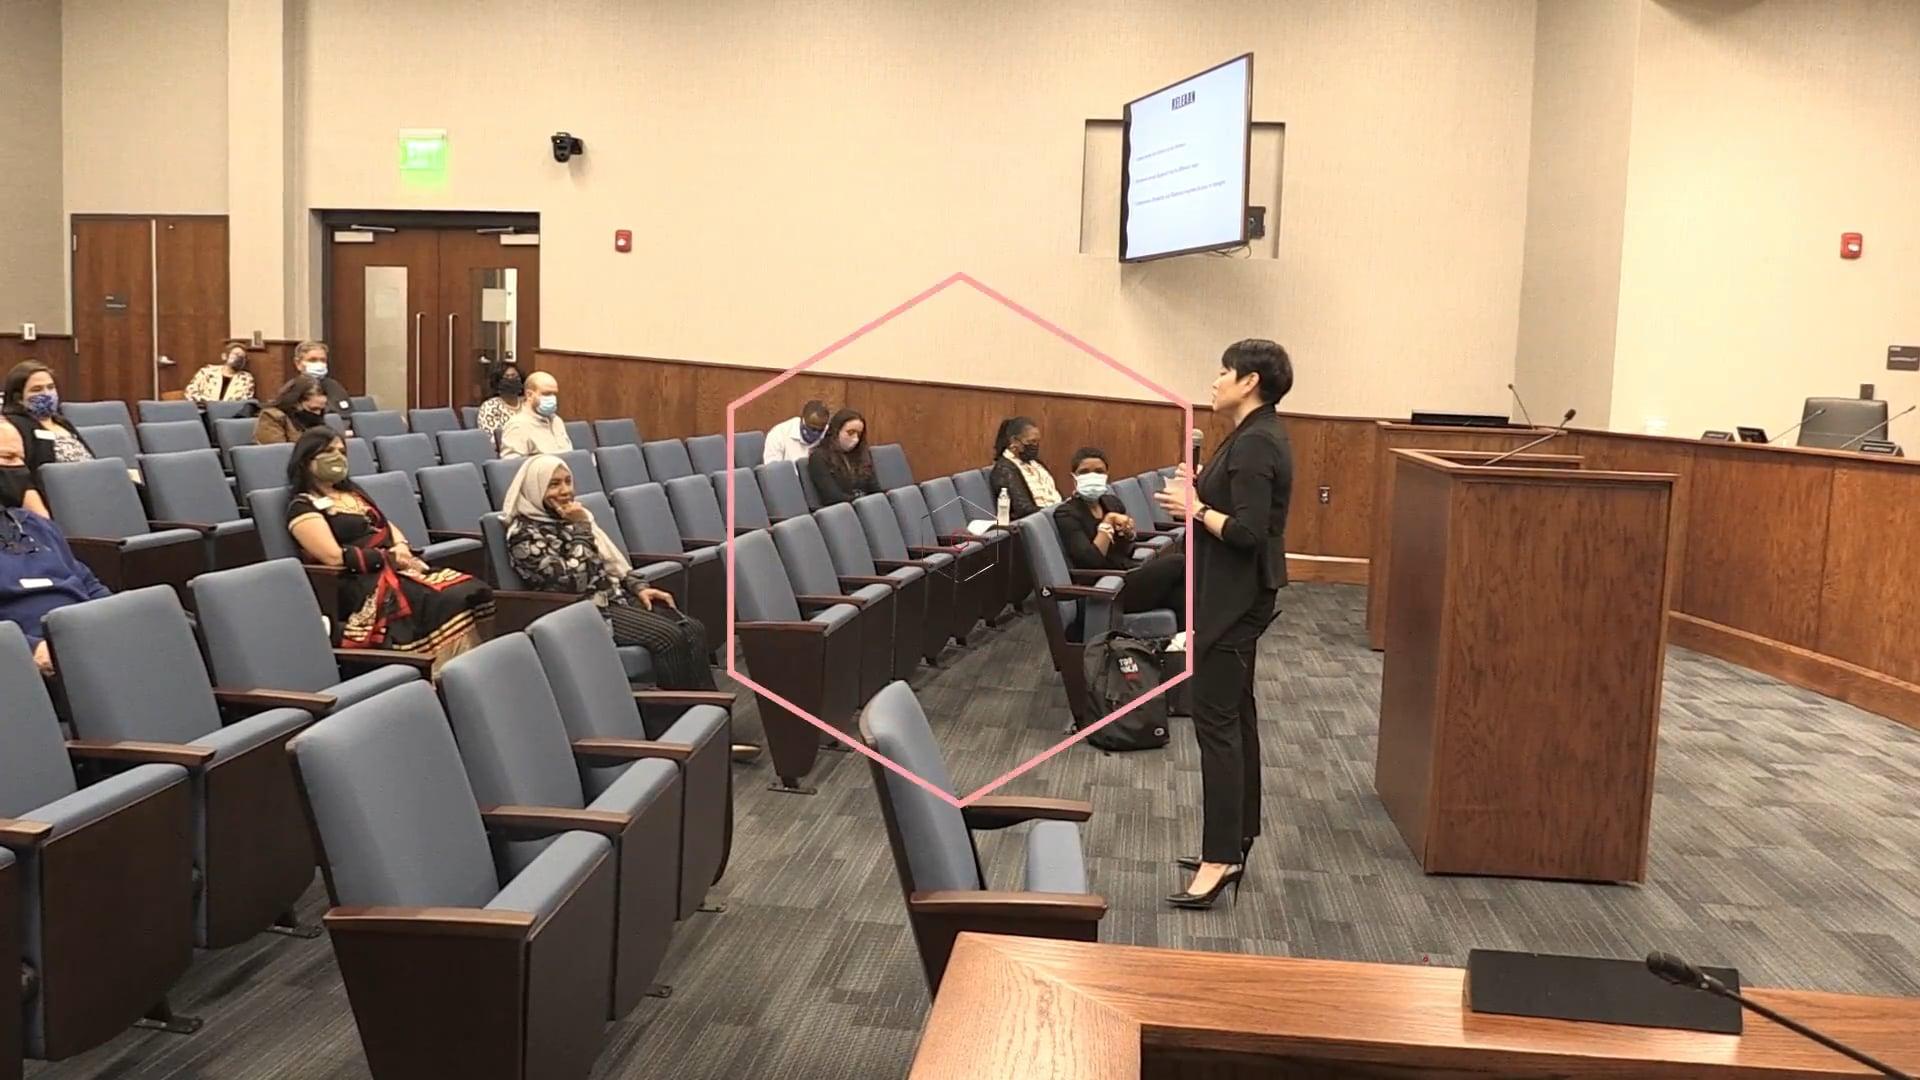 Cindy Wilson speaking event